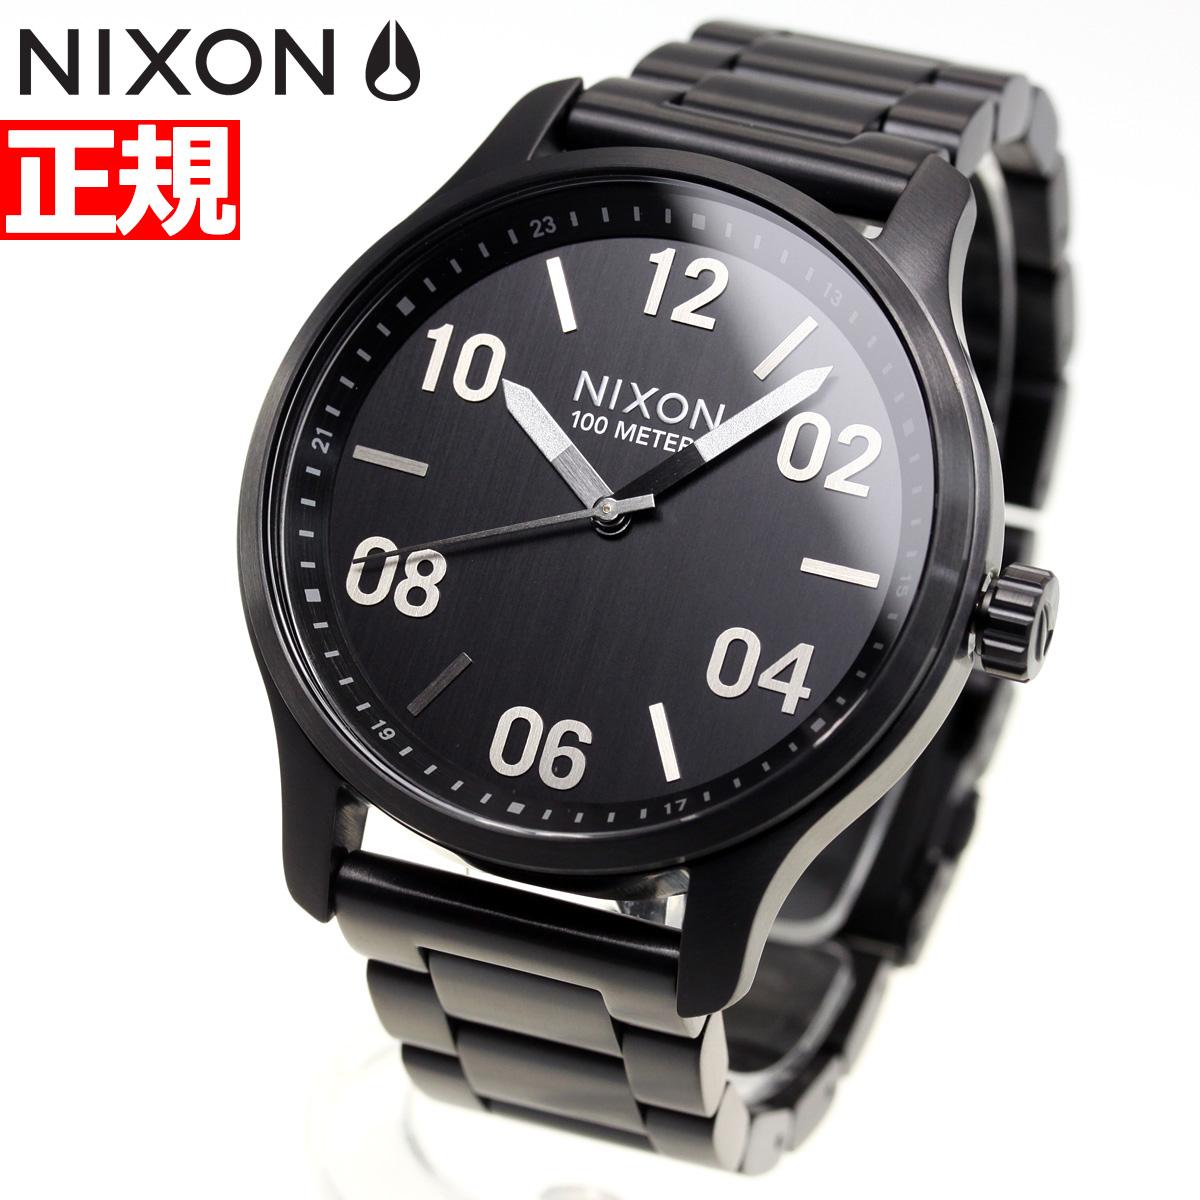 ニクソン NIXON パトロール PATROL 腕時計 メンズ ブラック/シルバー NA1242180-00【2018 新作】